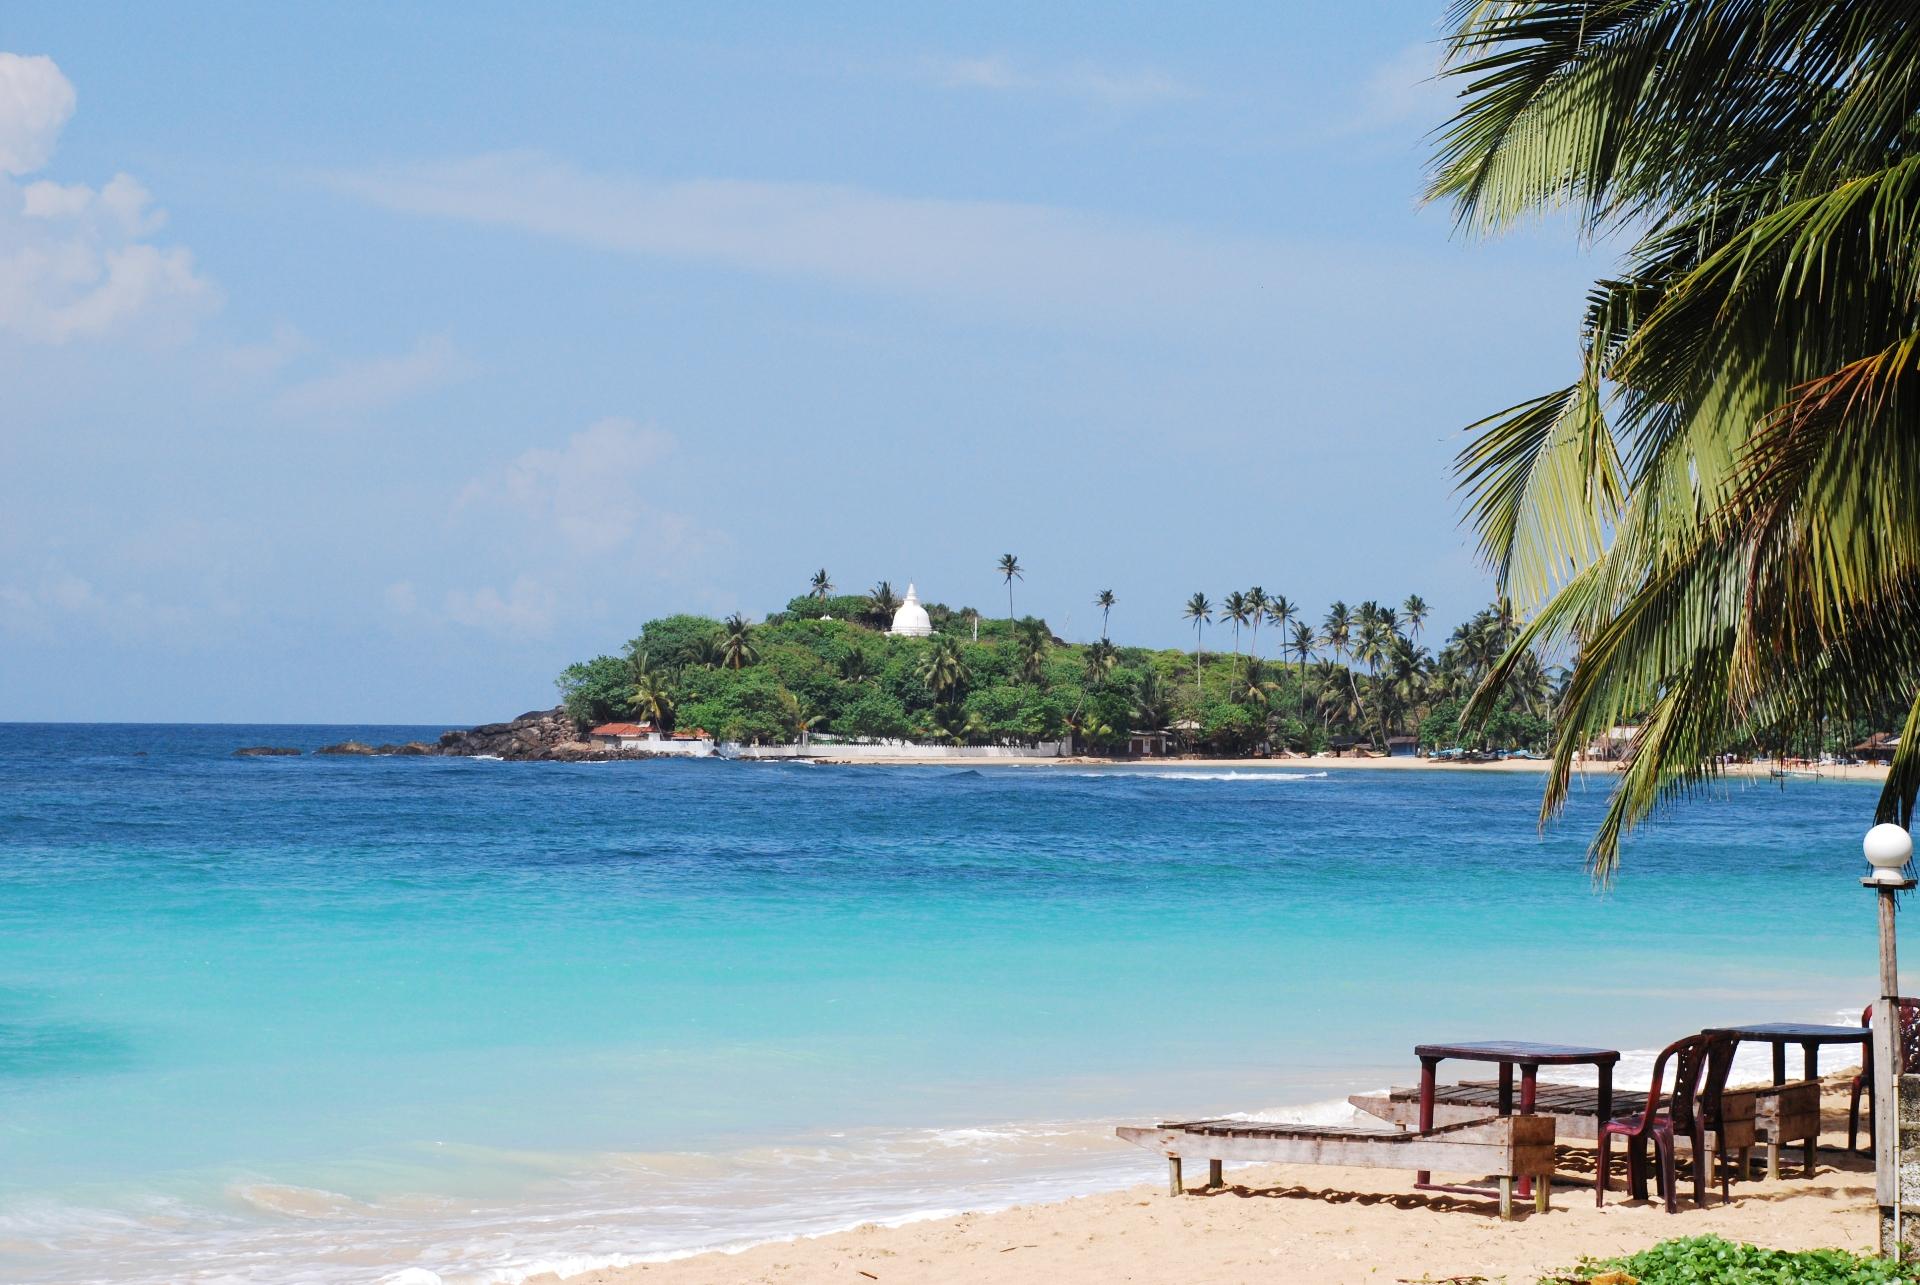 Унаватуна, Шри-Ланка. Фото пляжа и моря. Отзывы об отдыхе в 55